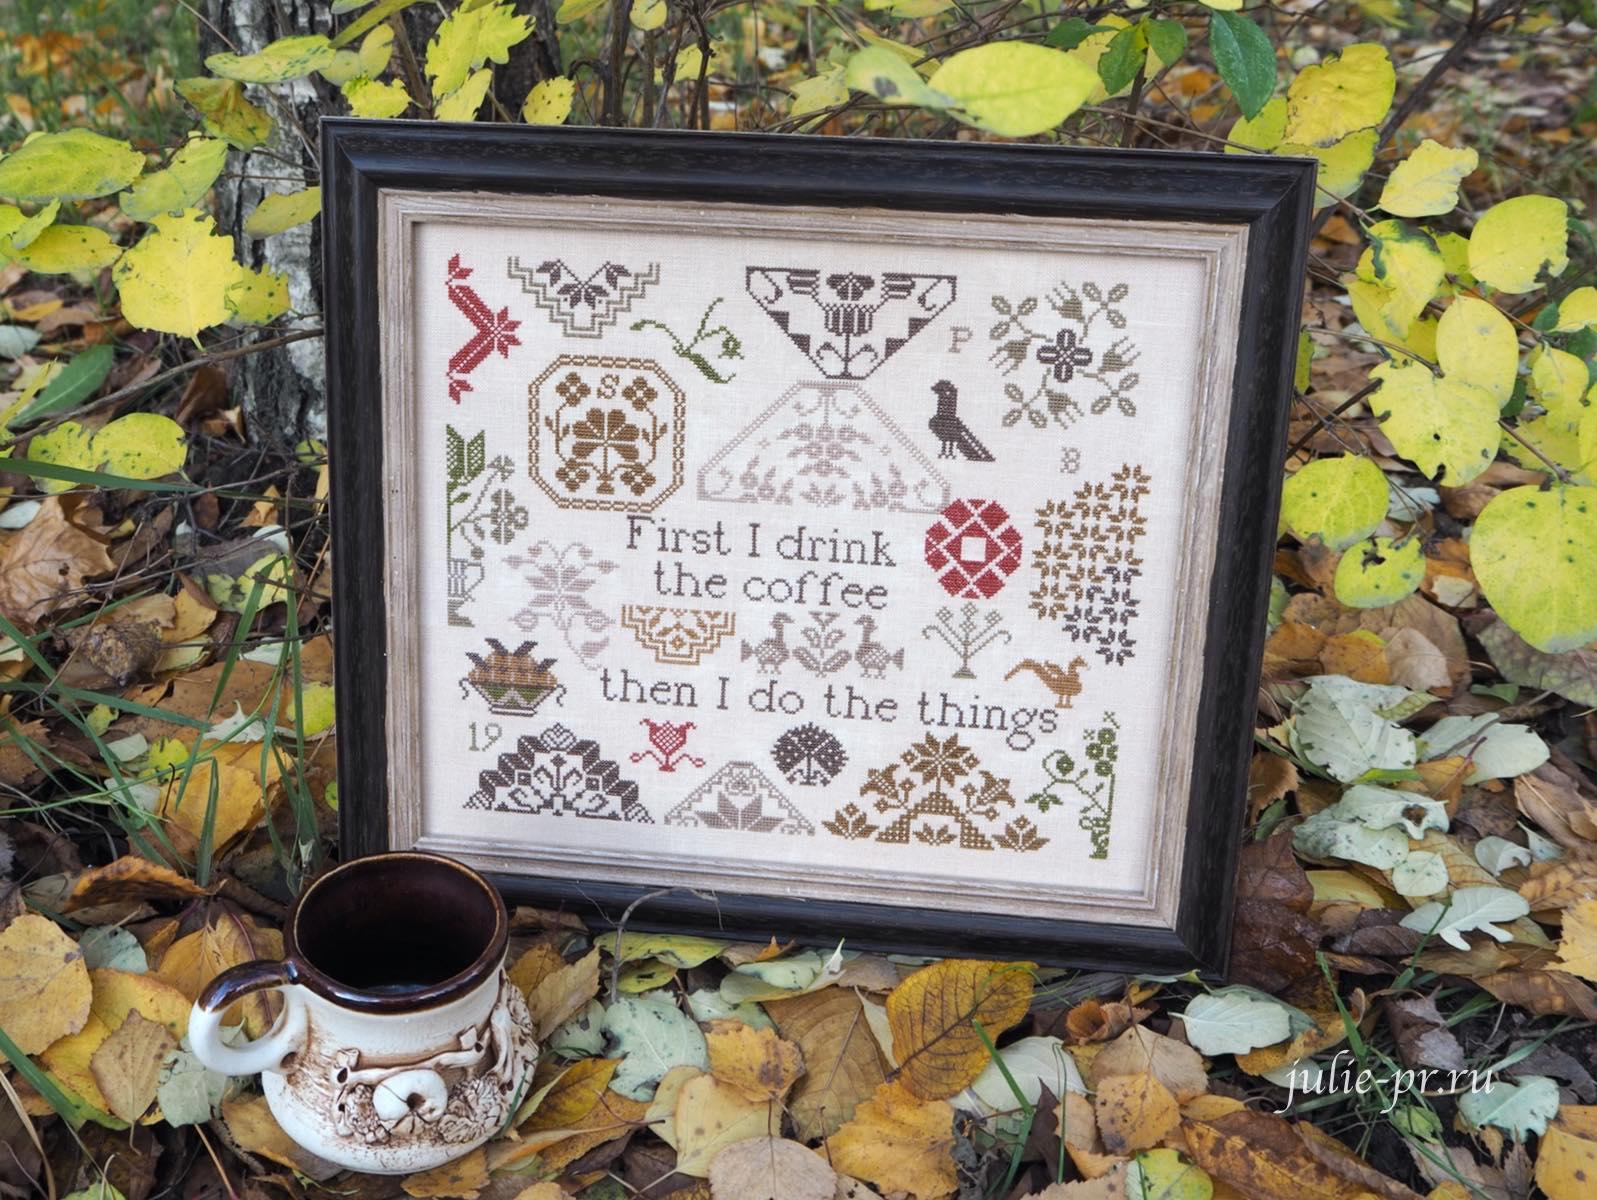 Coffee quaker the Magical Elixir Series №2, Кофейный квакер, Heartstring Samplery, примитив, вышивка крестом, как оформить вышивку